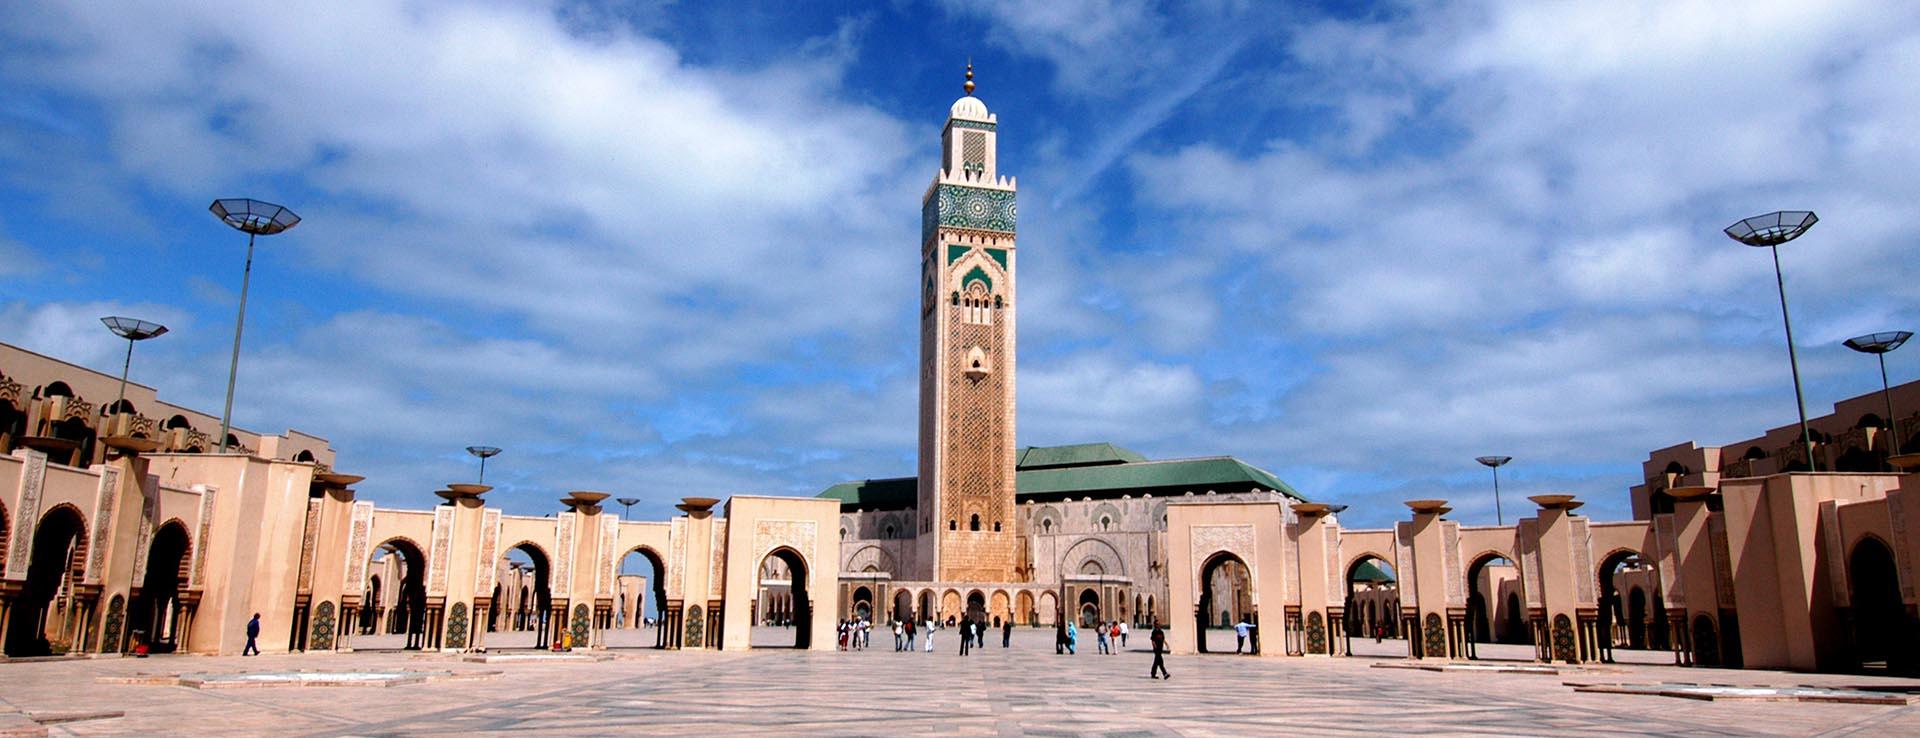 marrakech to casablanca